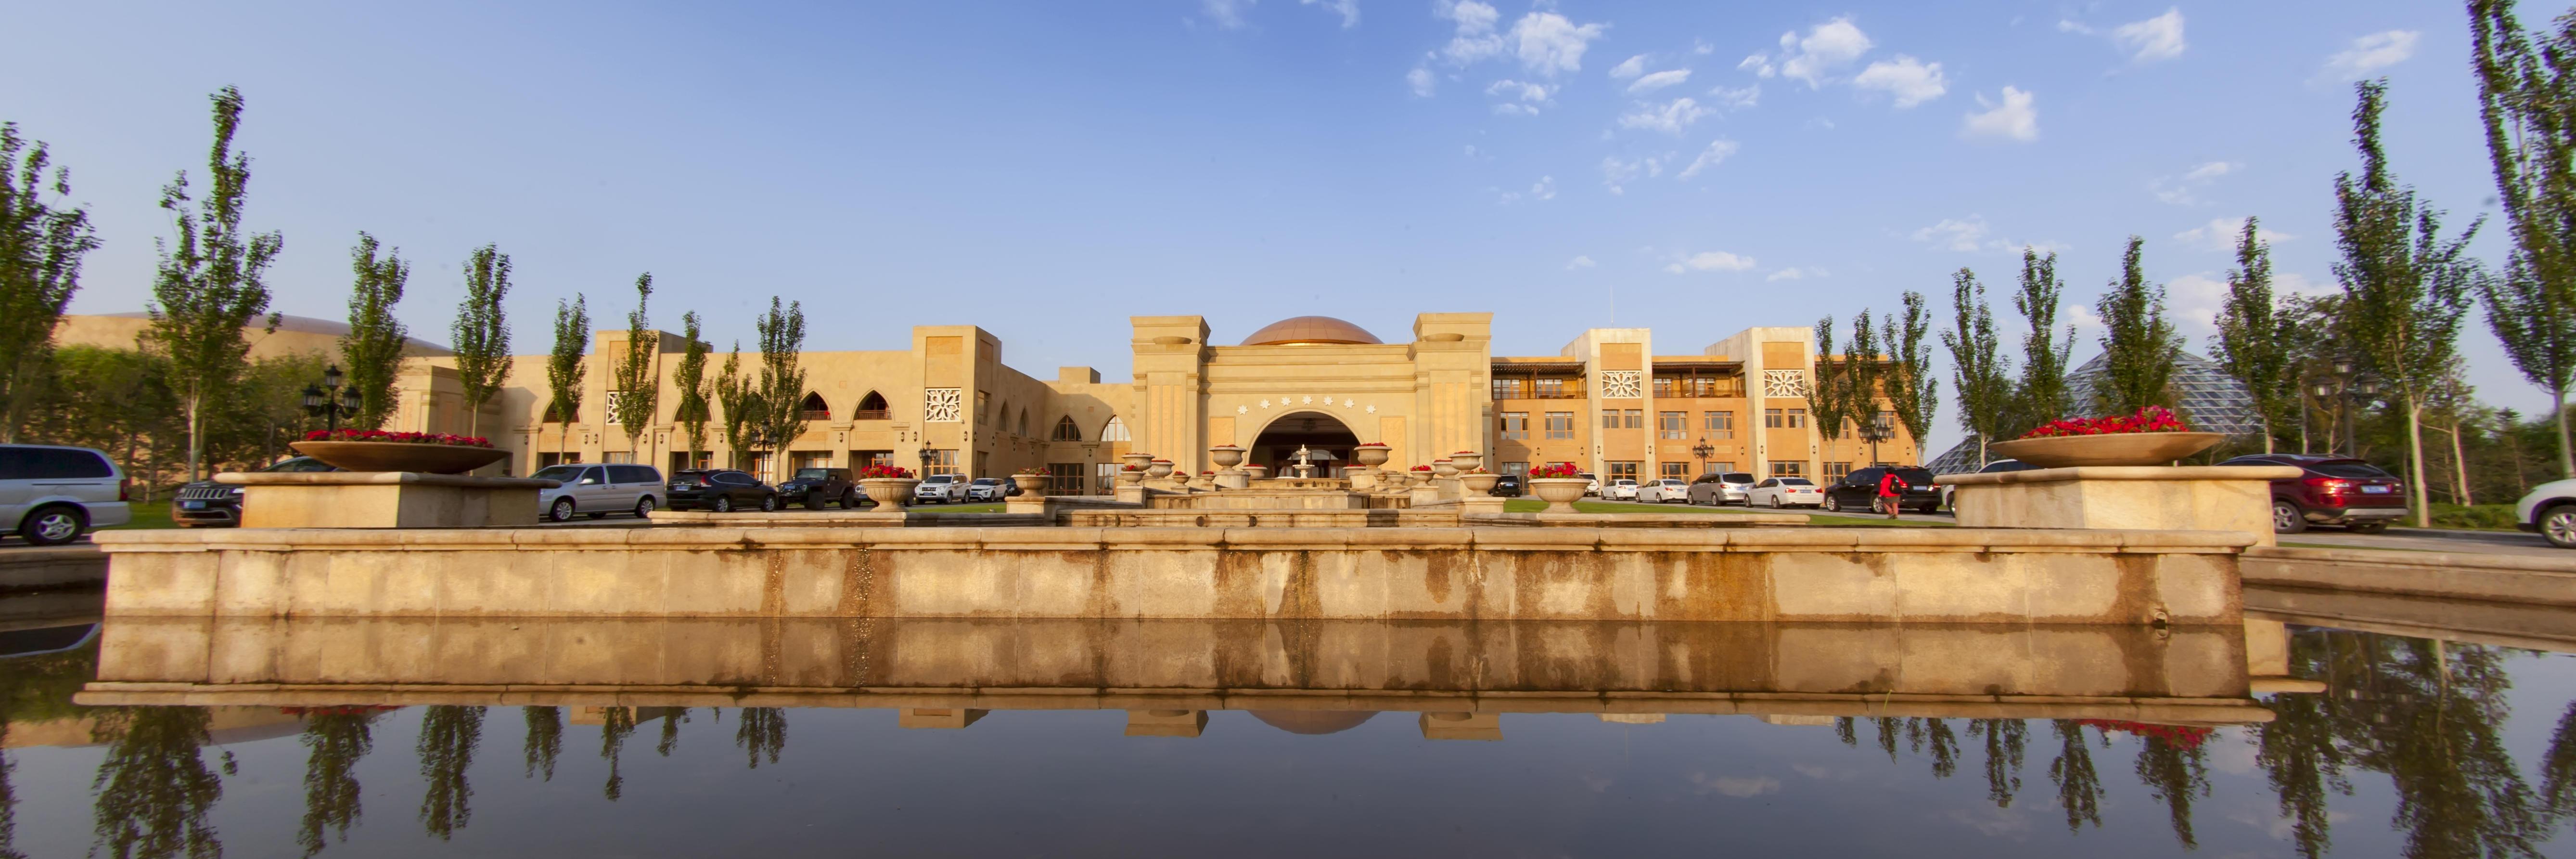 阿布扎比皇宮聞名遐邇 中國也有一類似沙漠奇跡 你可能沒聽說過